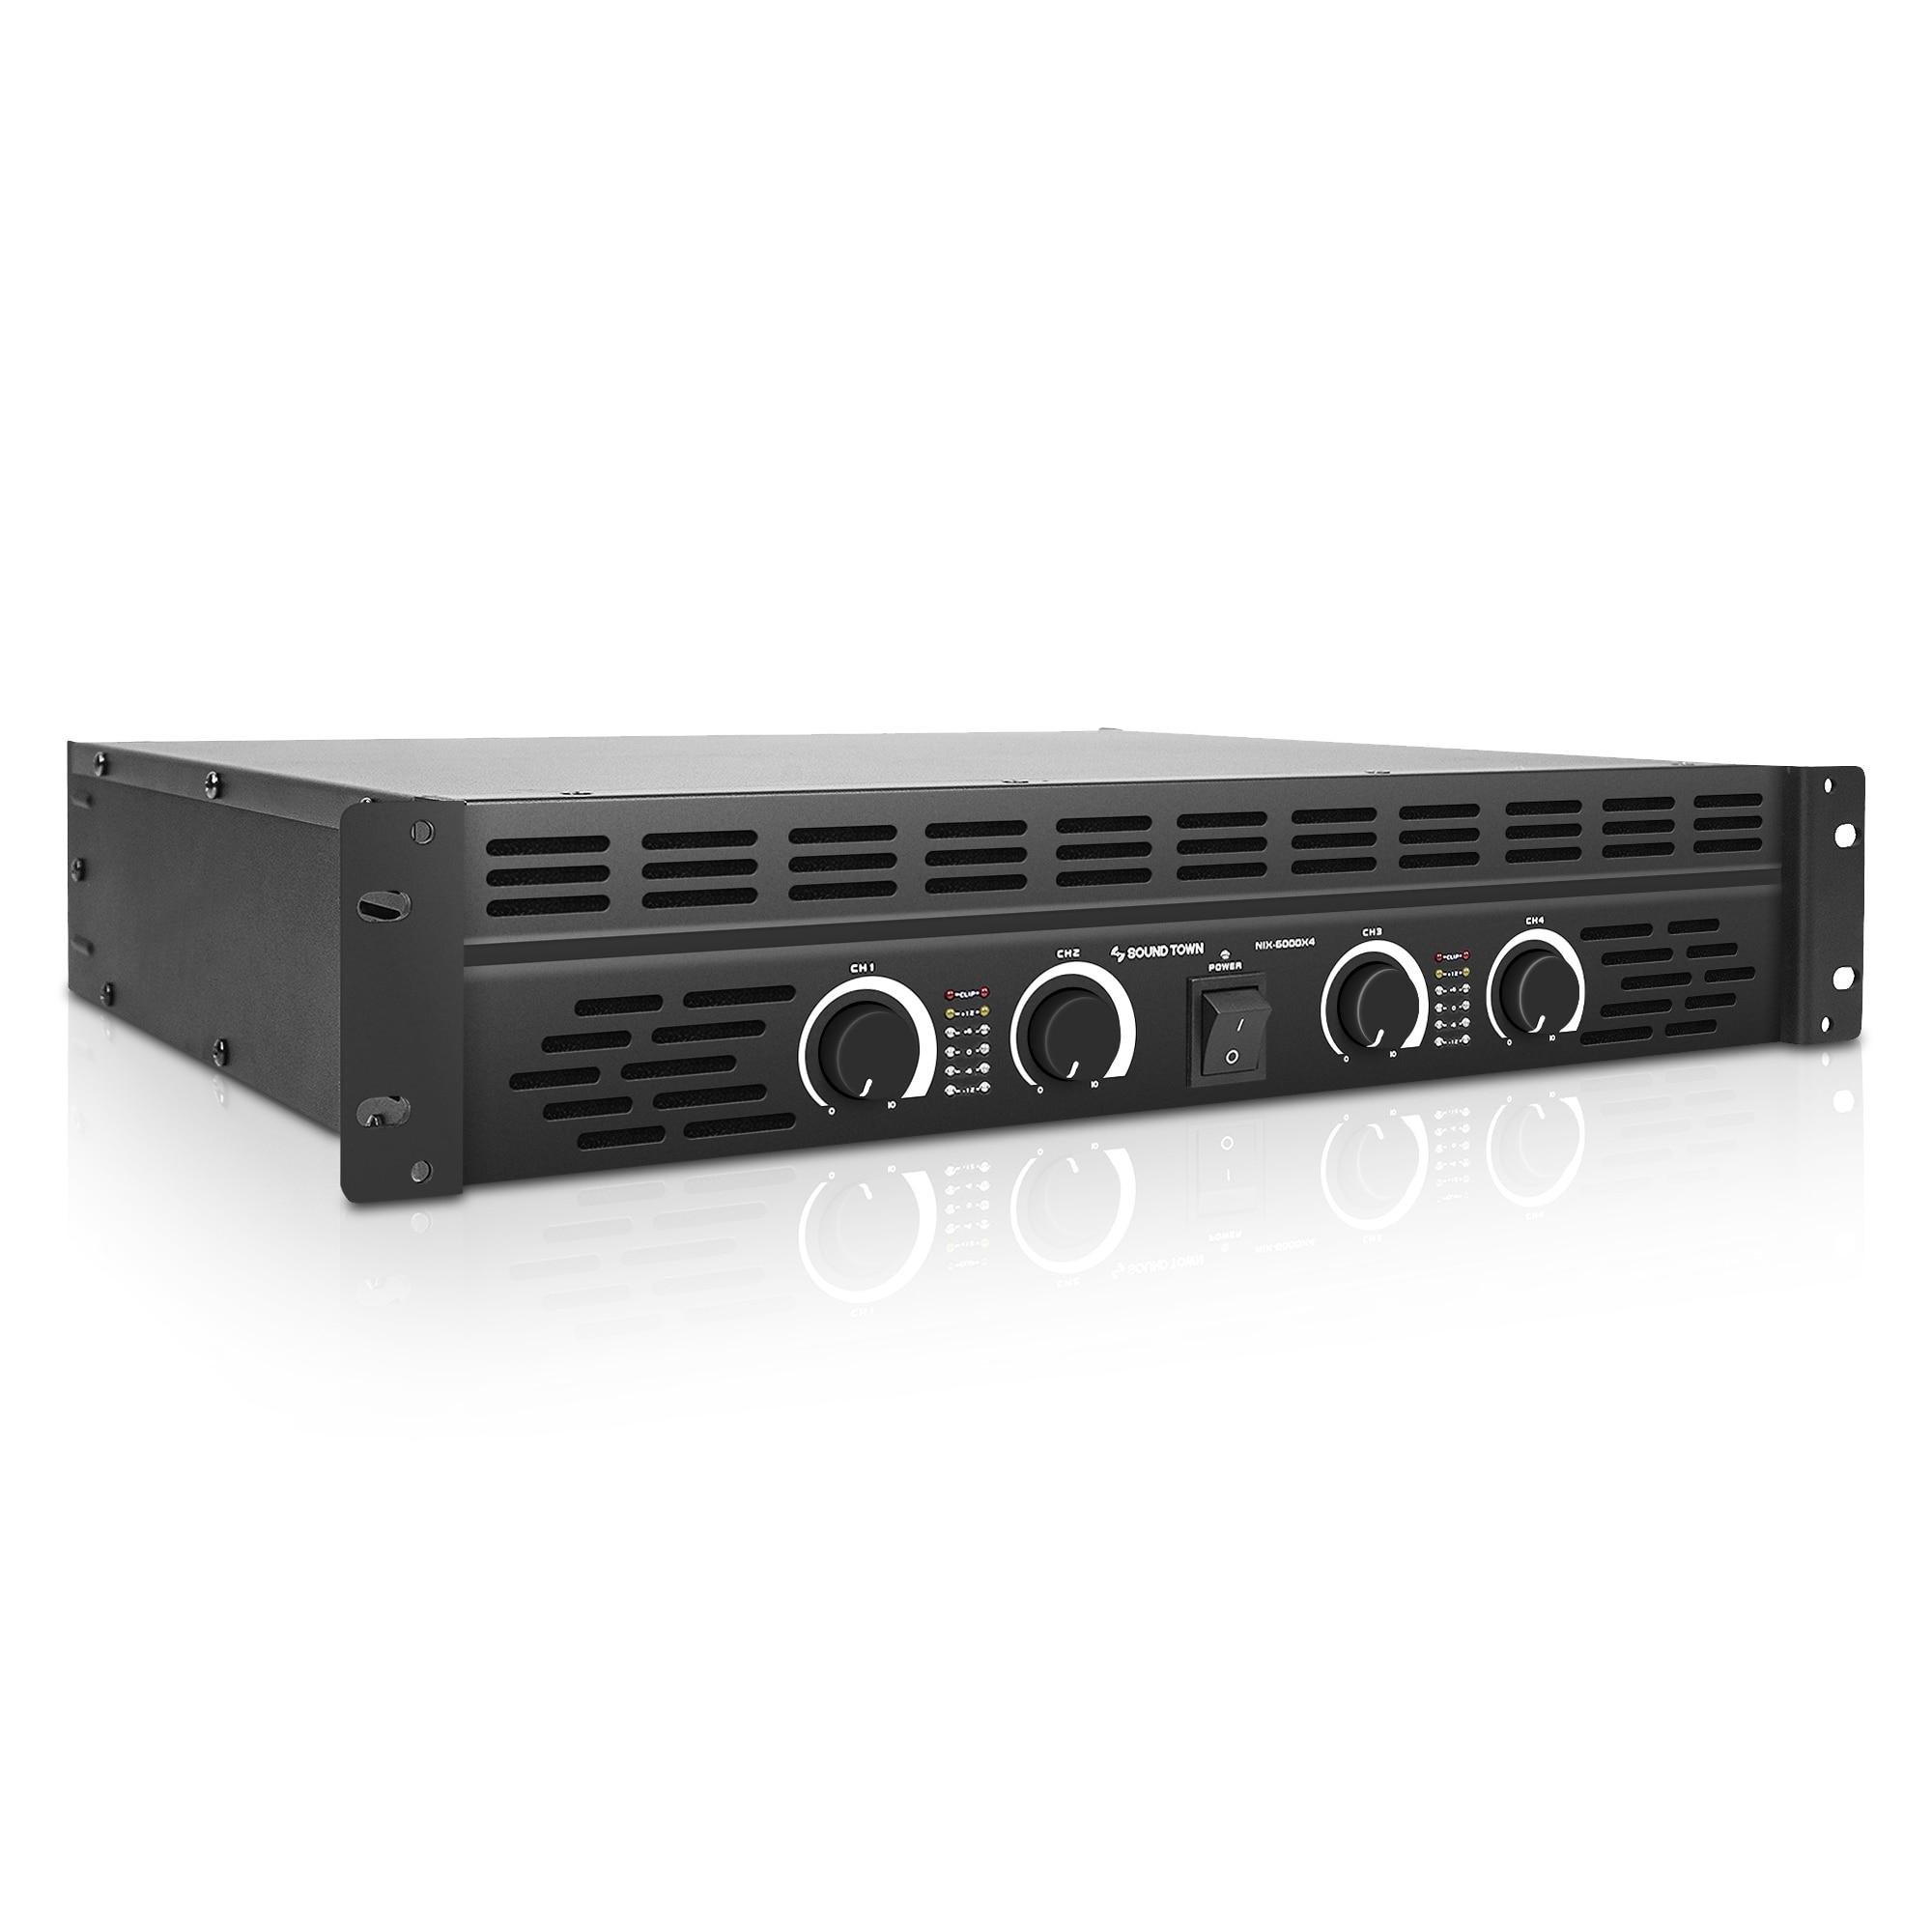 ساوند تاون 4-قناة 4X750 واط في 4 أوم ، 6000 واط الذروة الناتج مكبر الصوت المحمول (NIX-6000X4)